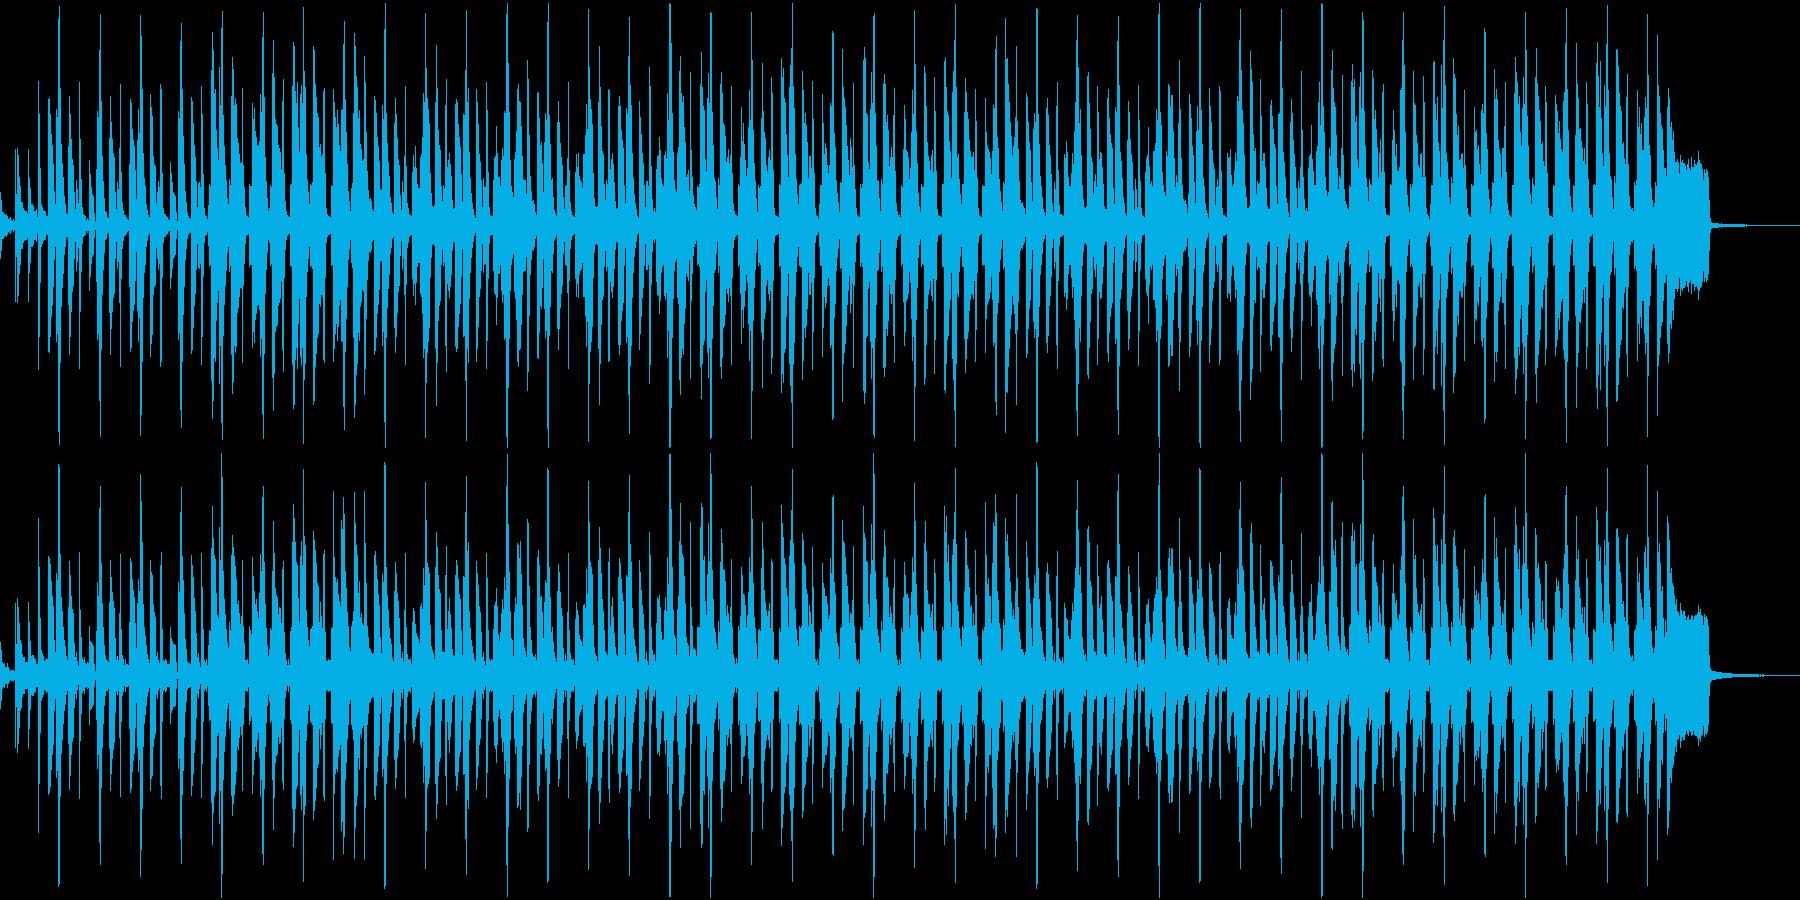 ふてくされているようなイメージのレゲエの再生済みの波形